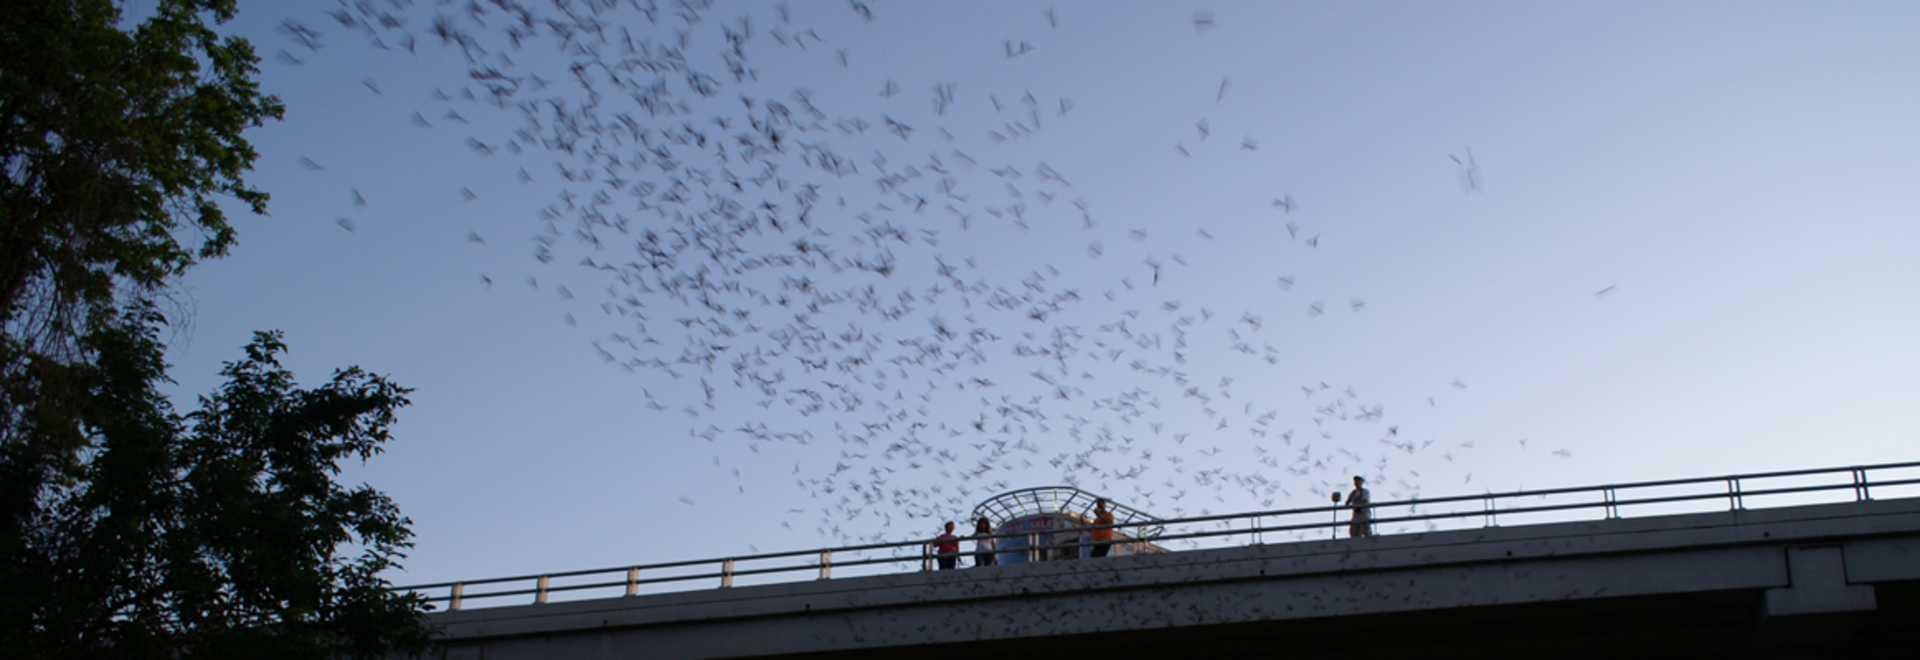 waugh bats